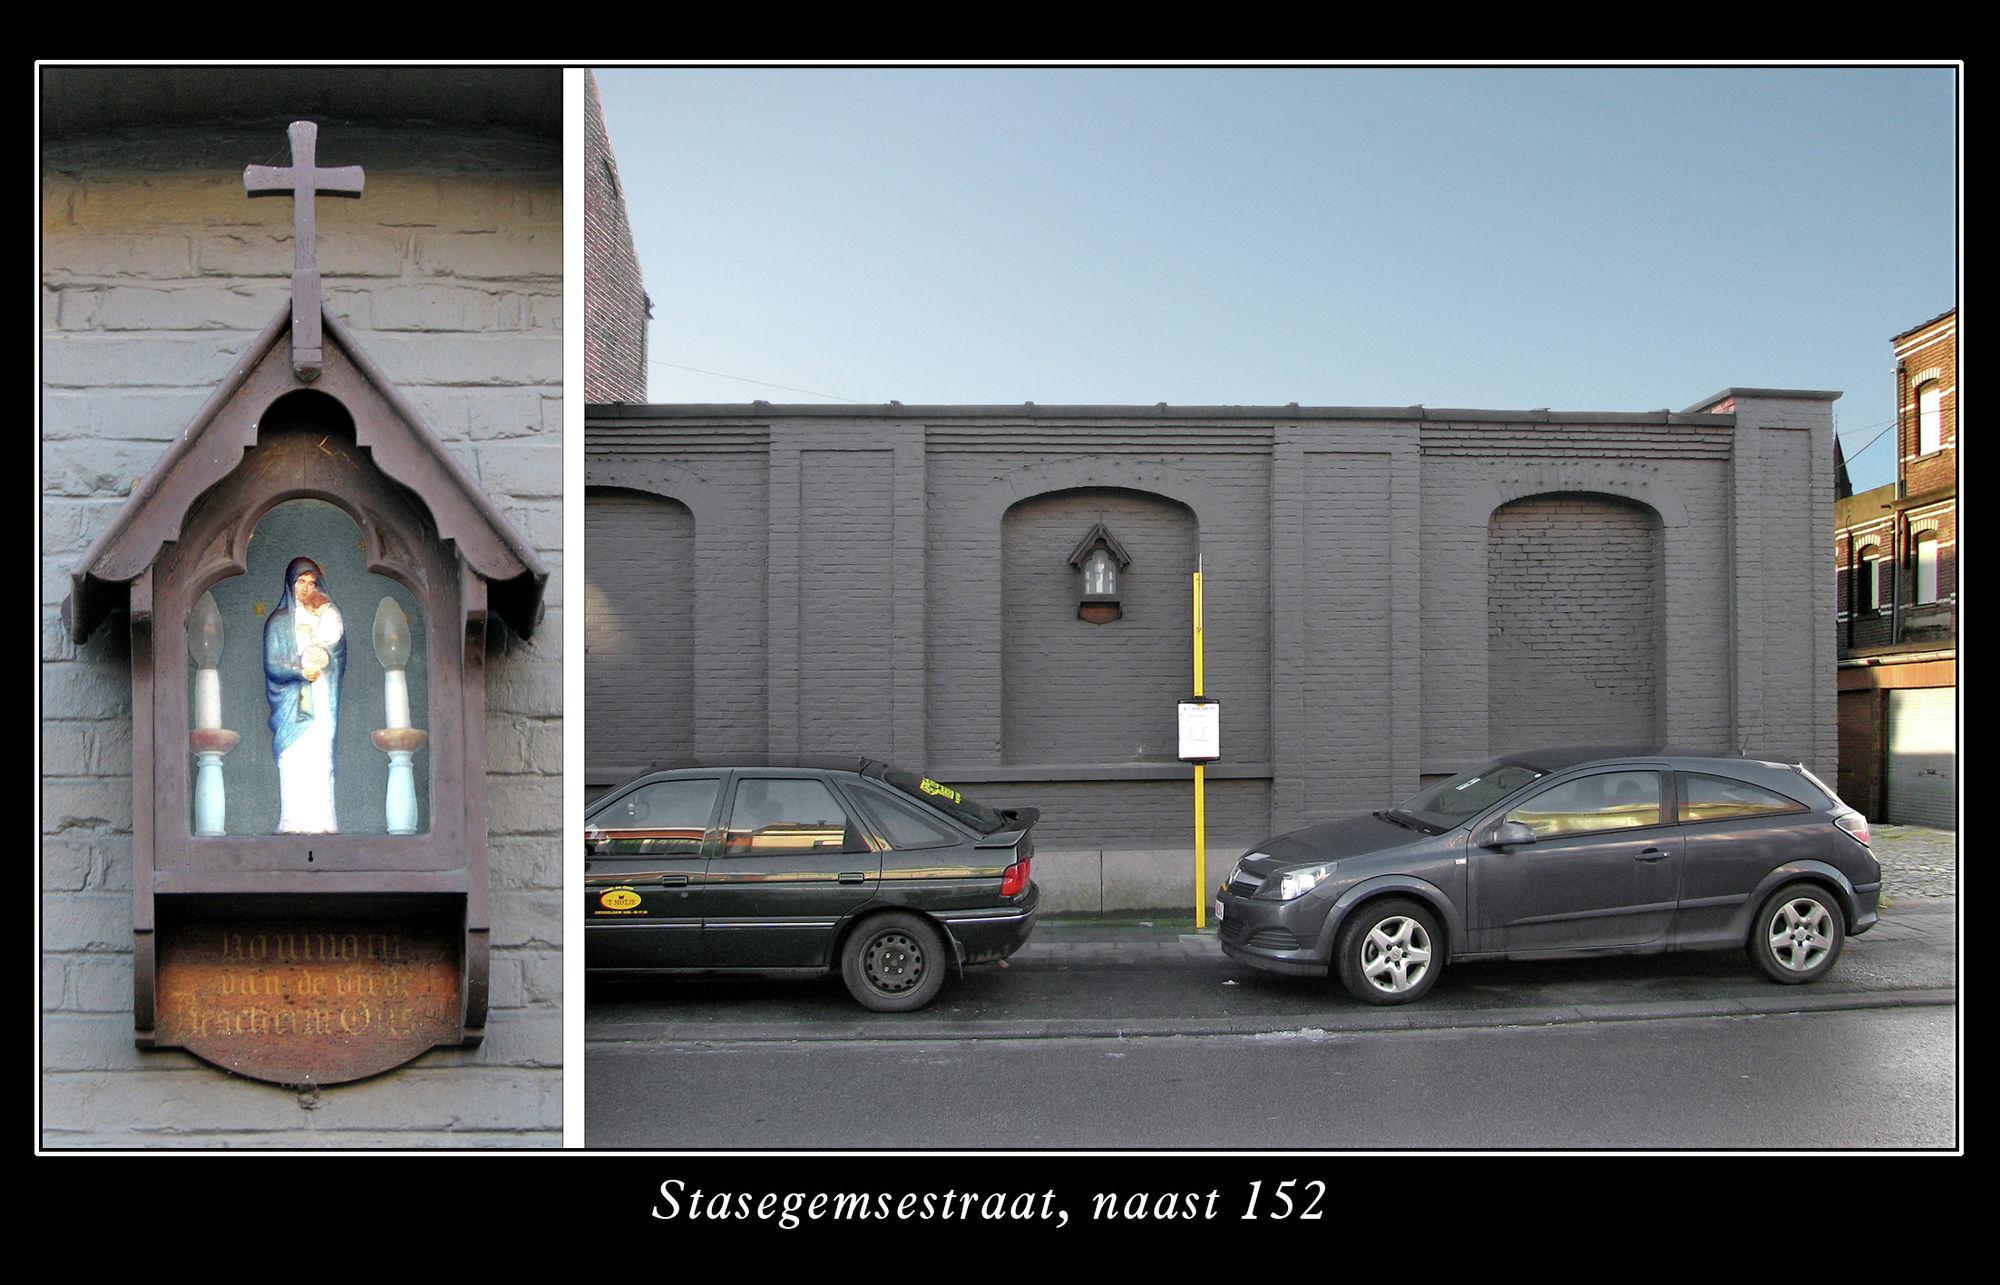 Stasegemsestraat